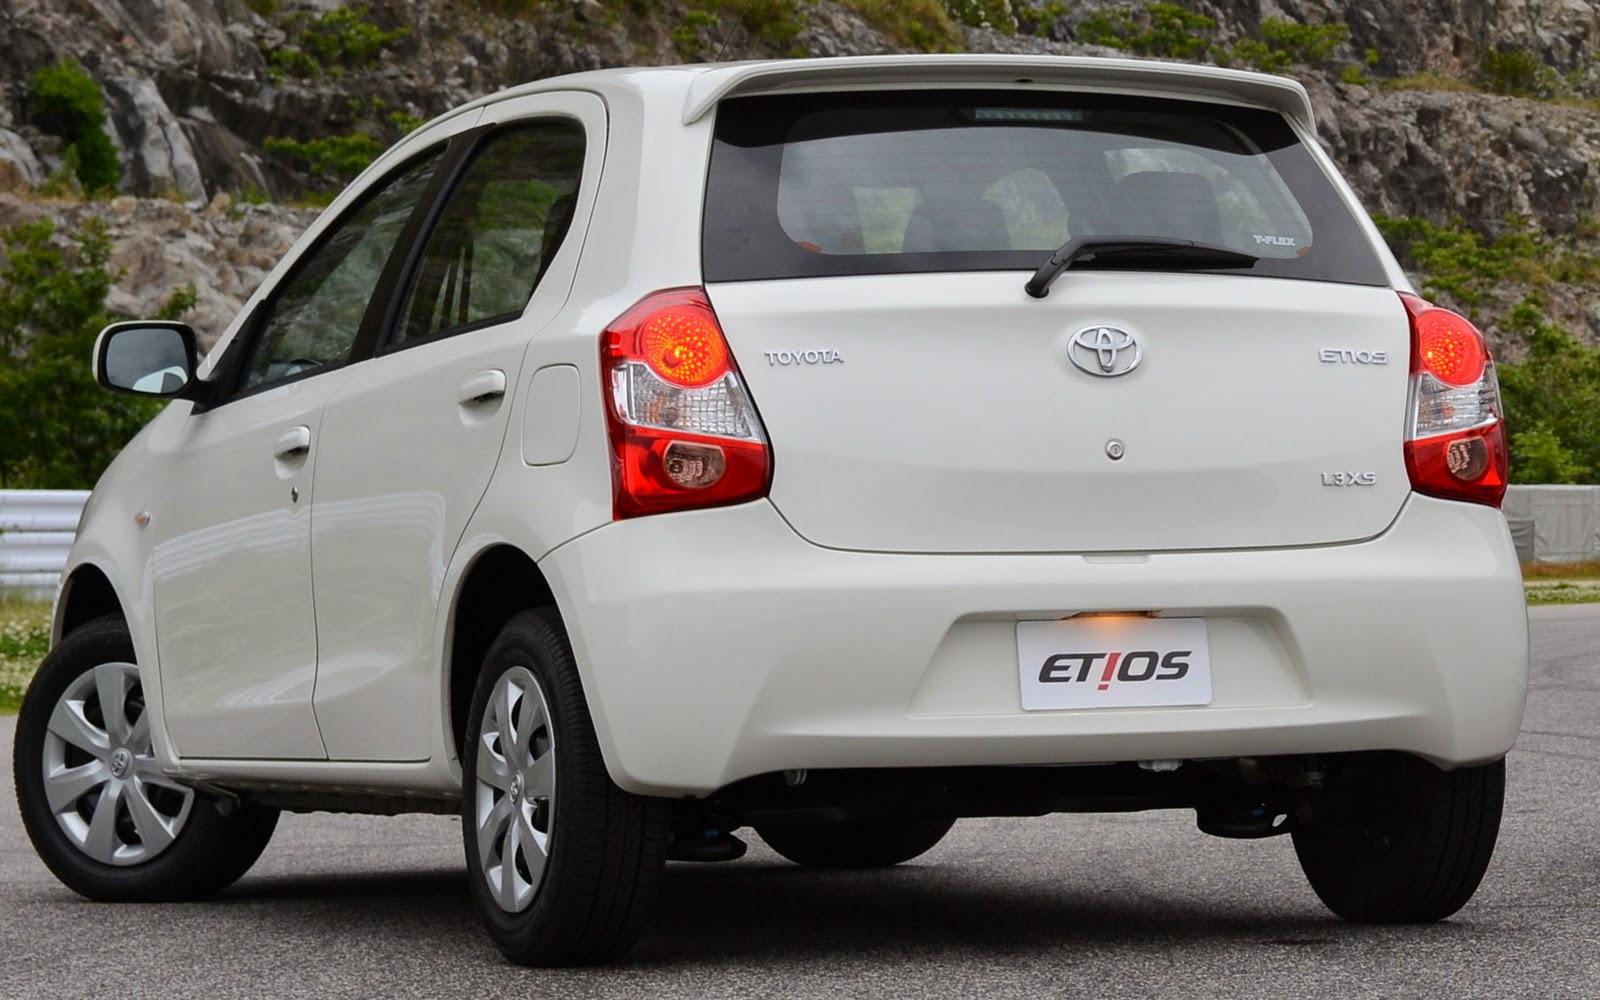 Toyotas Etios 2013 Review  - versões, notícias, preço, ficha técnica e consumo